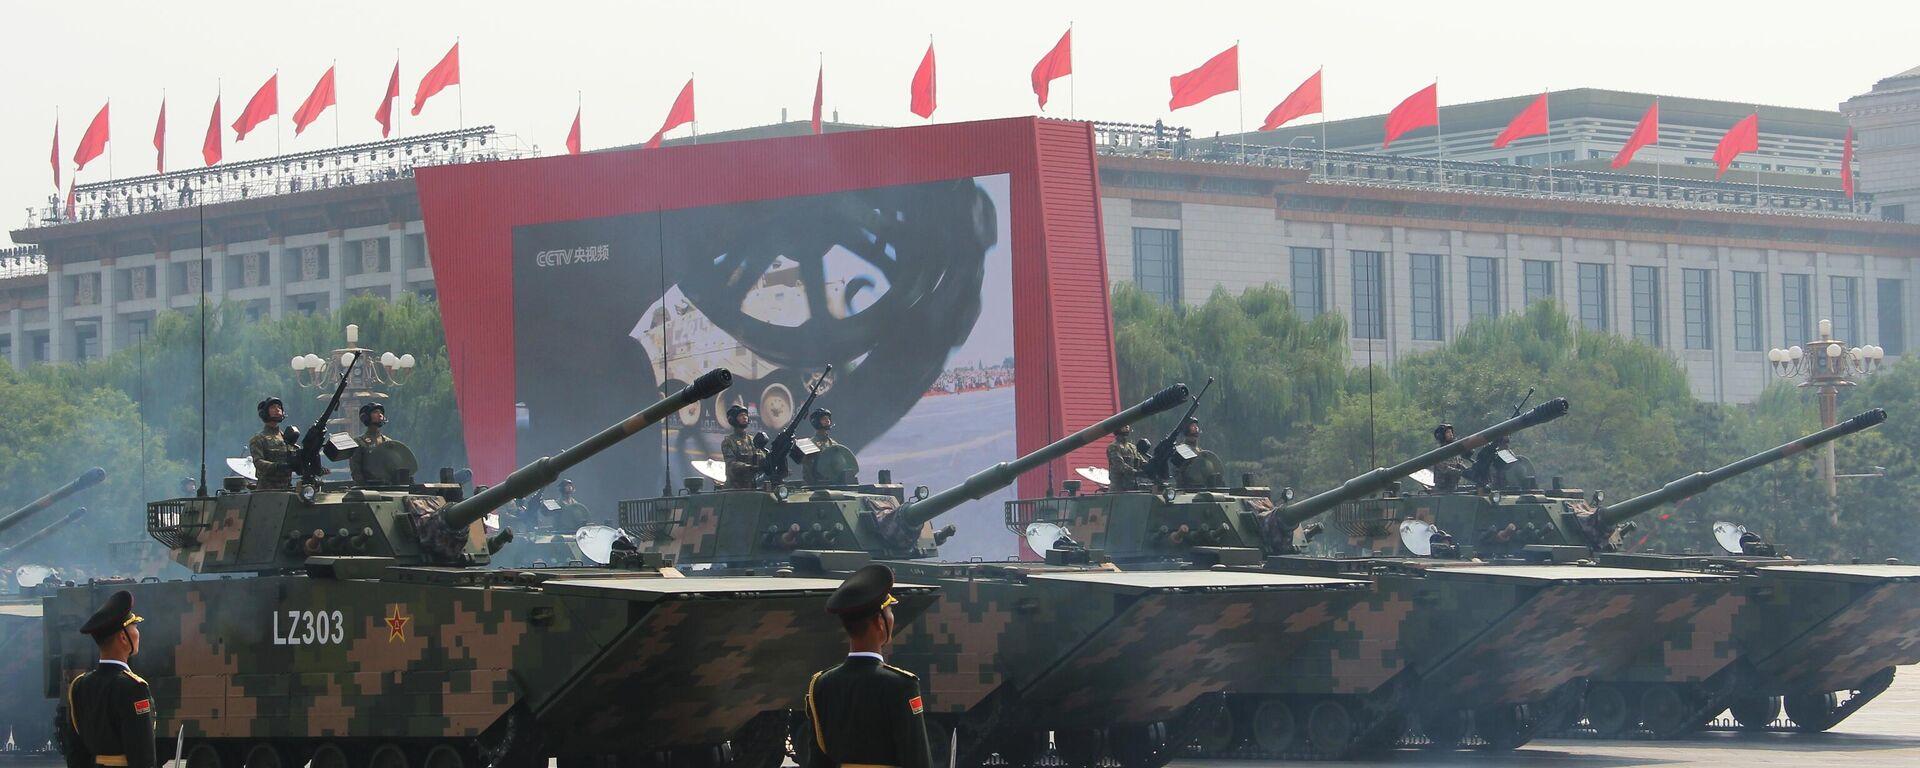 Militärparade in China (Archivbild) - SNA, 1920, 11.03.2021